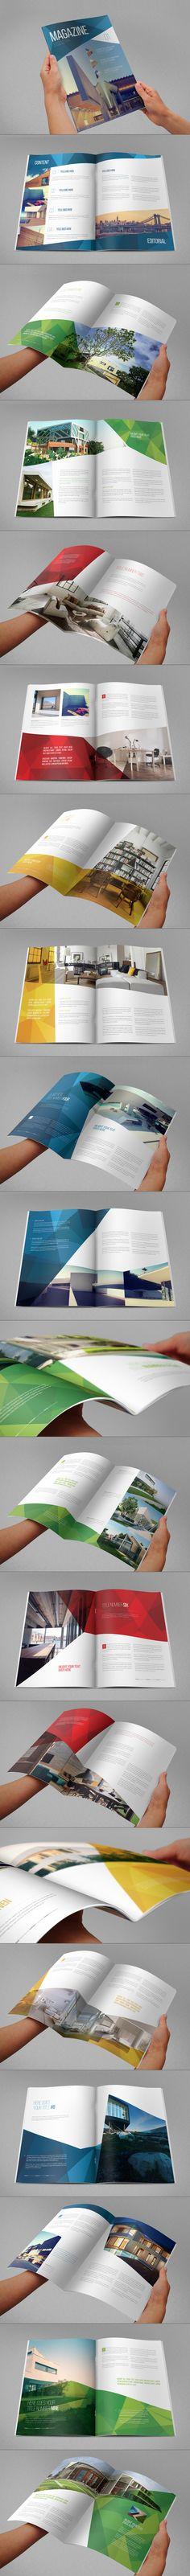 Modern Architecture Magazine by Abra Design, via Behance